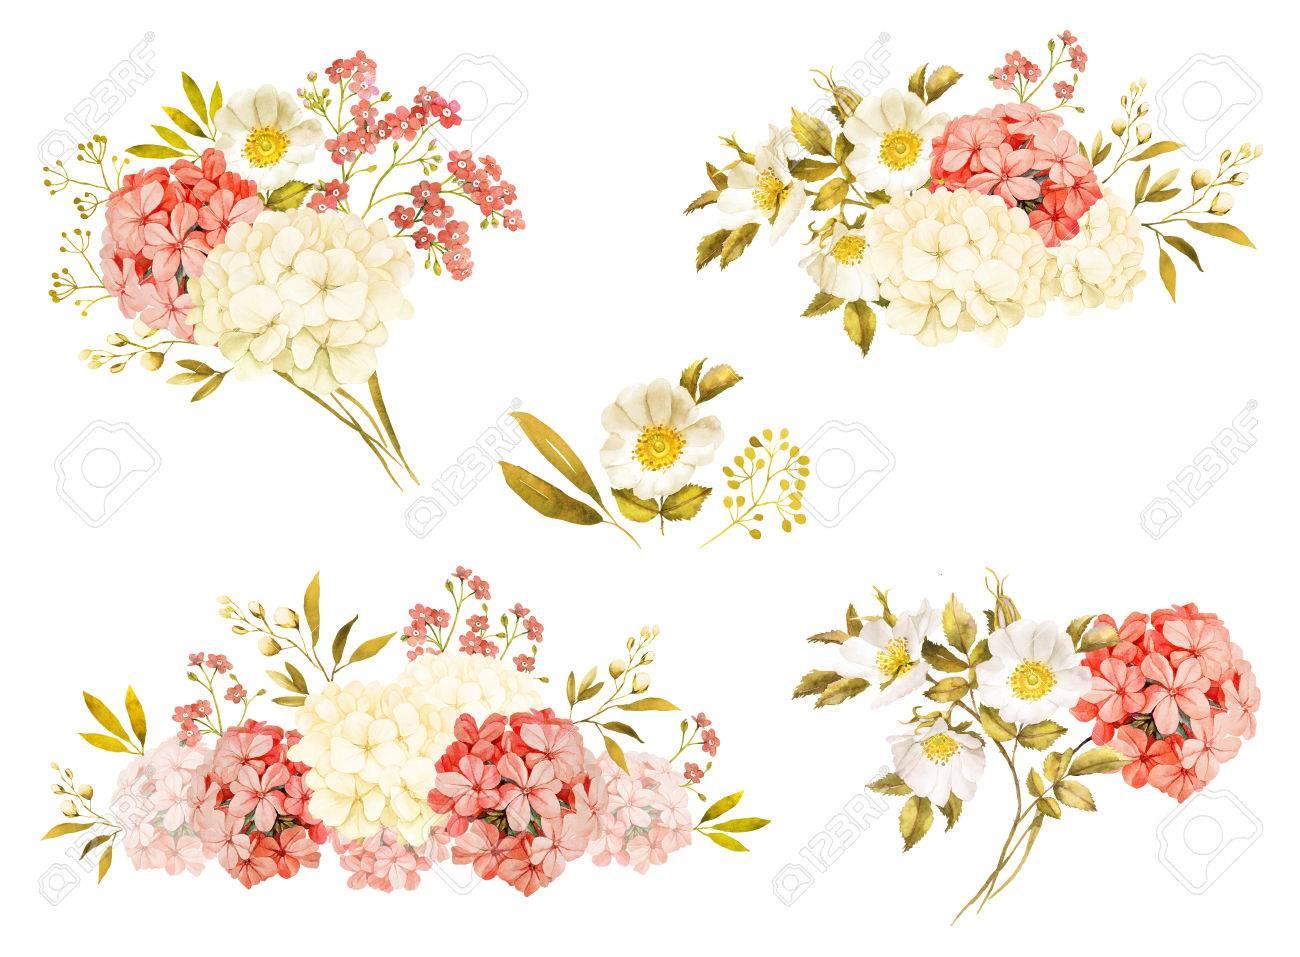 Pink white jasmine hydrangea rose flowers wedding watercolor pink white jasmine hydrangea rose flowers wedding watercolor bouquet collection stock photo 73264671 izmirmasajfo